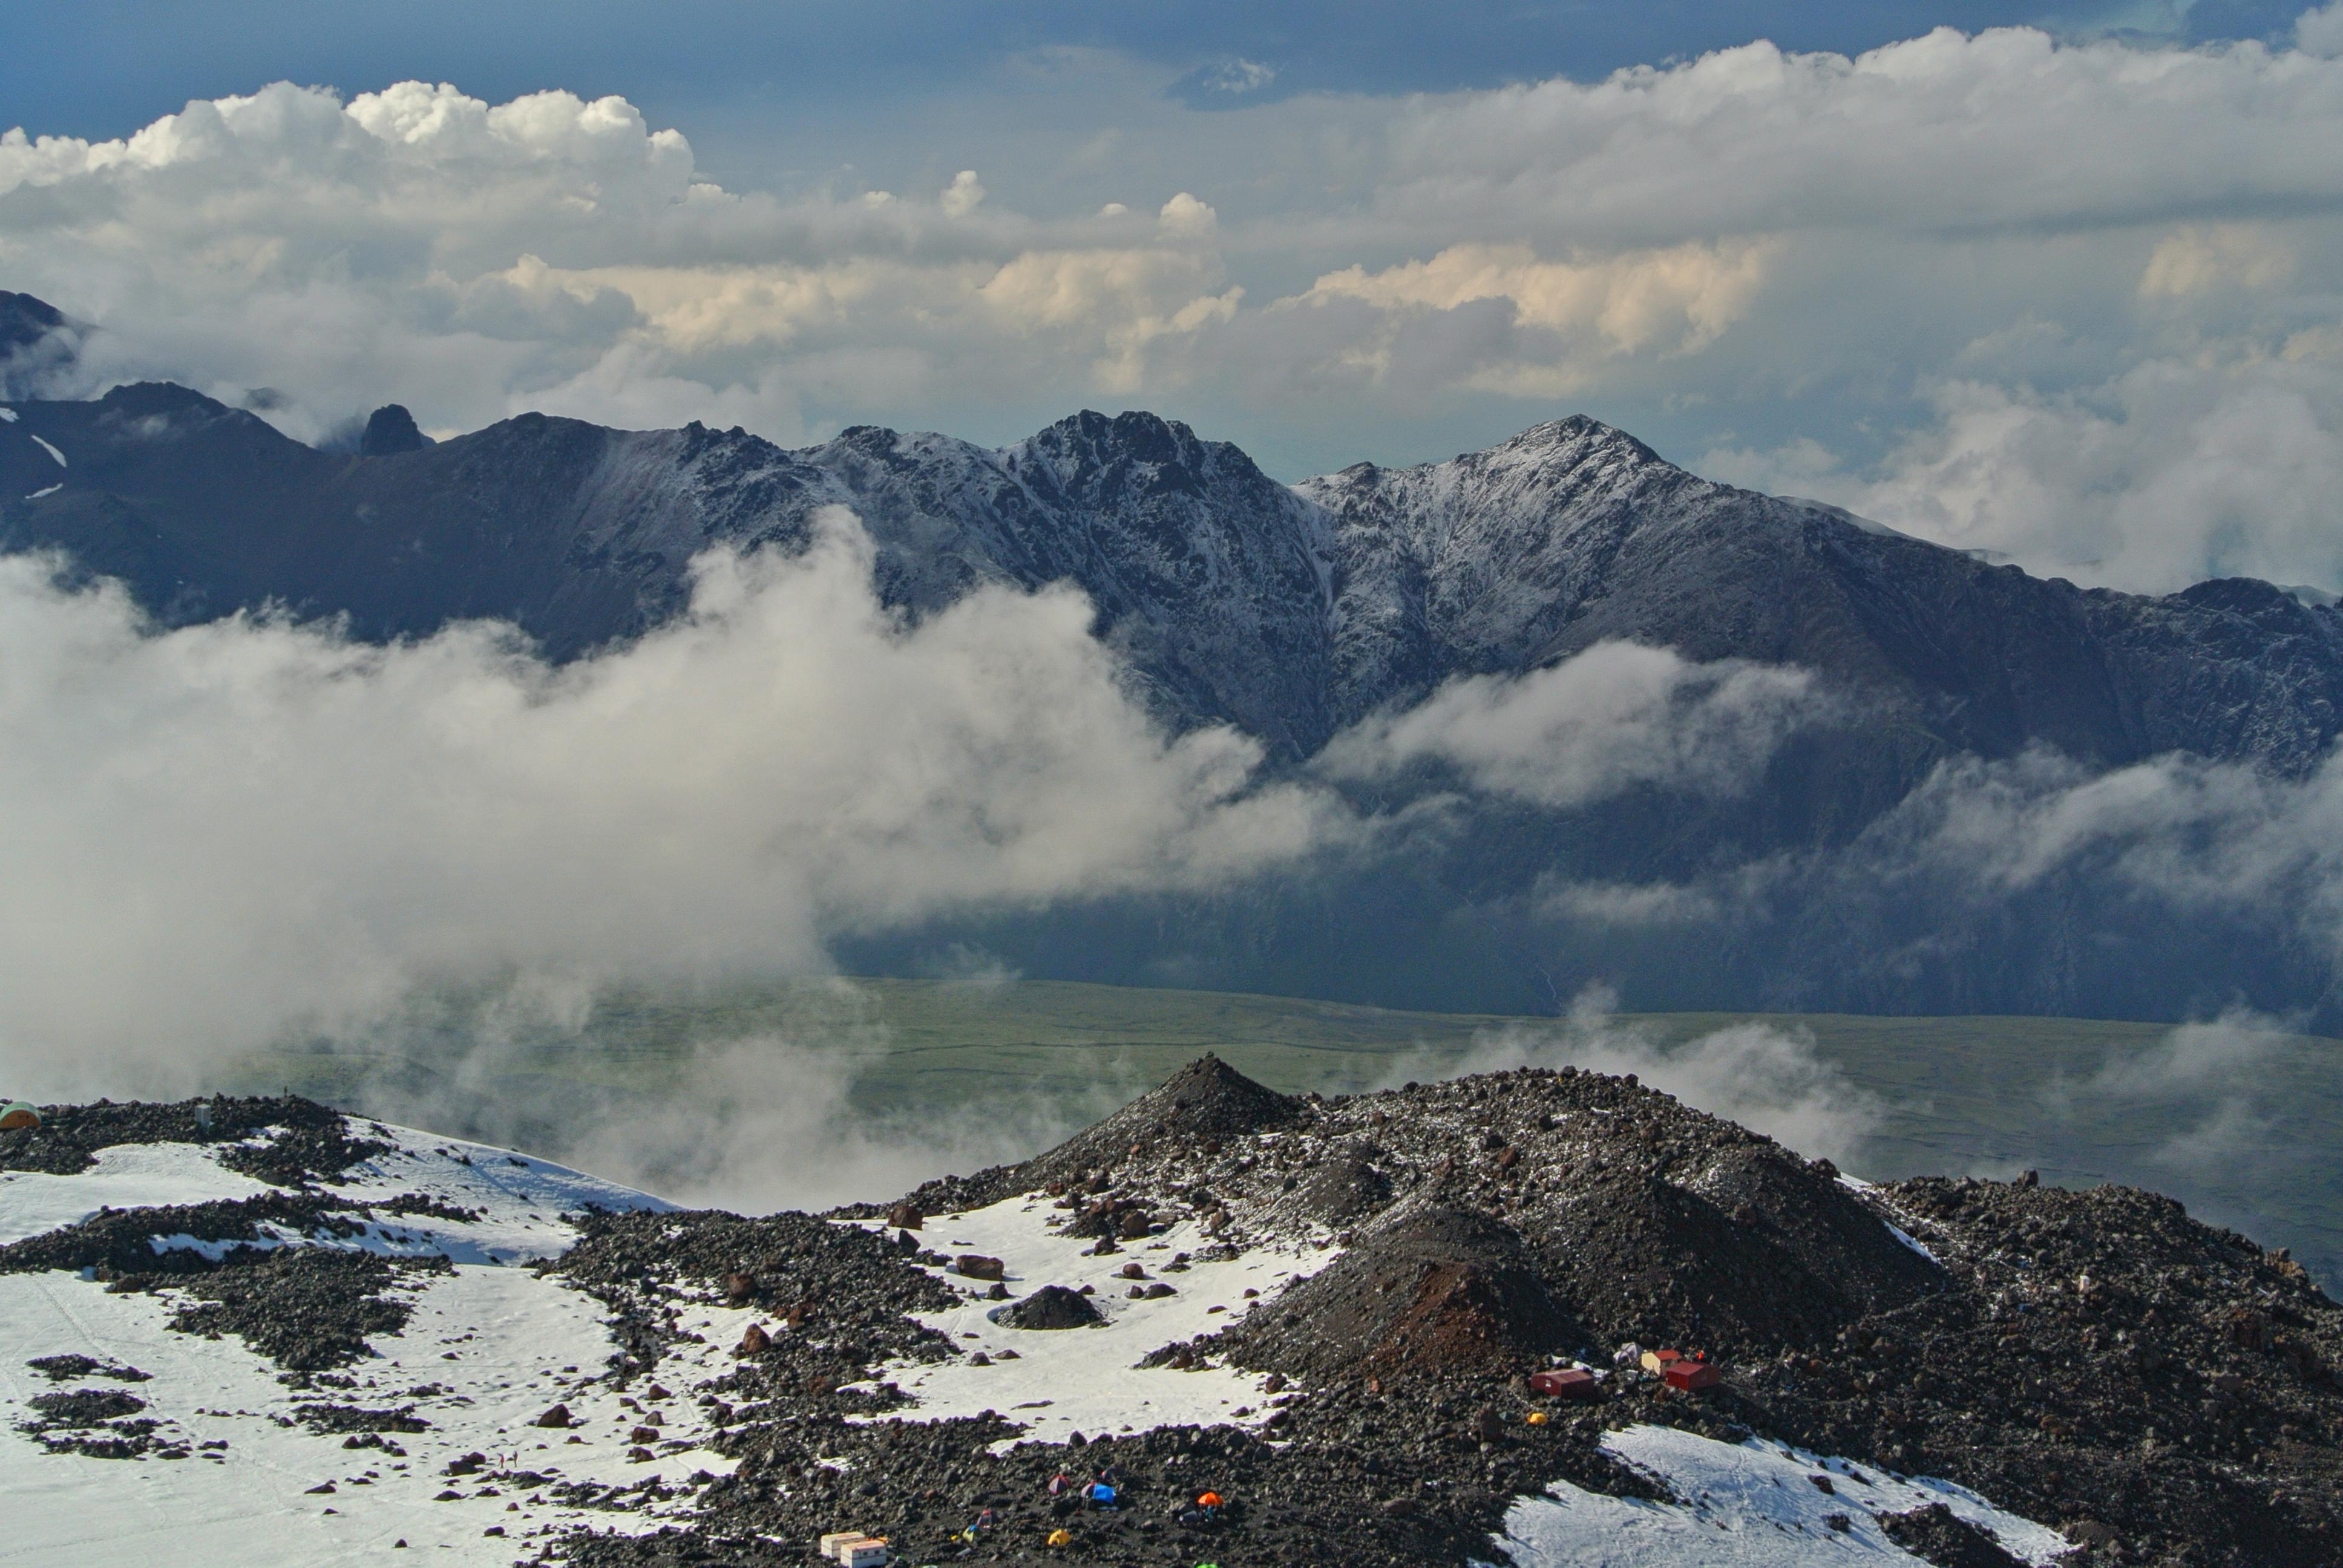 восхождение на эльбрус с севера в палатках